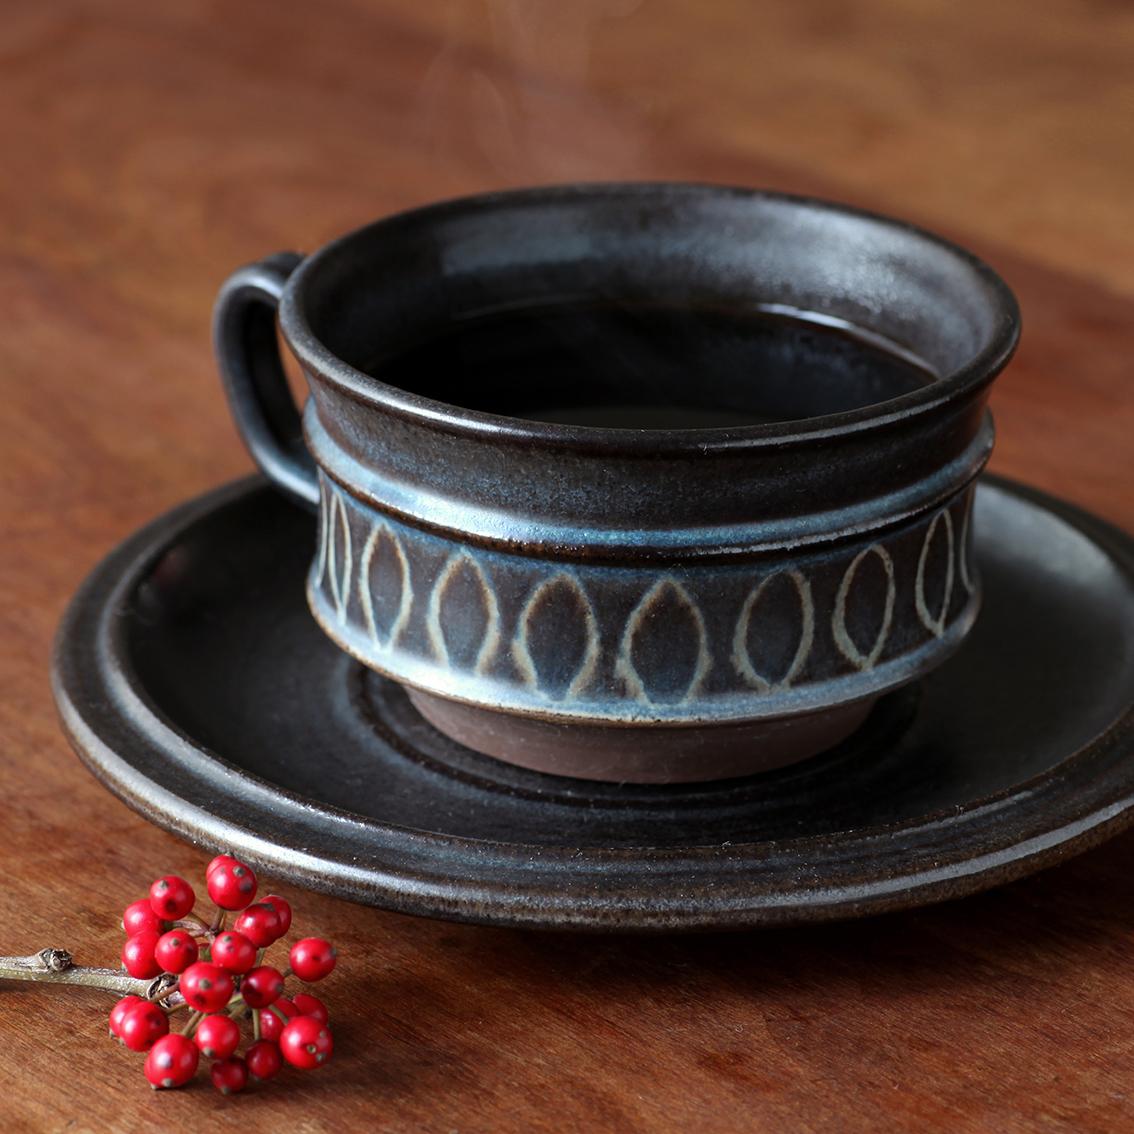 Sejer Keramik サーエ・ケラミック カップ&ソーサー 北欧ヴィンテージ